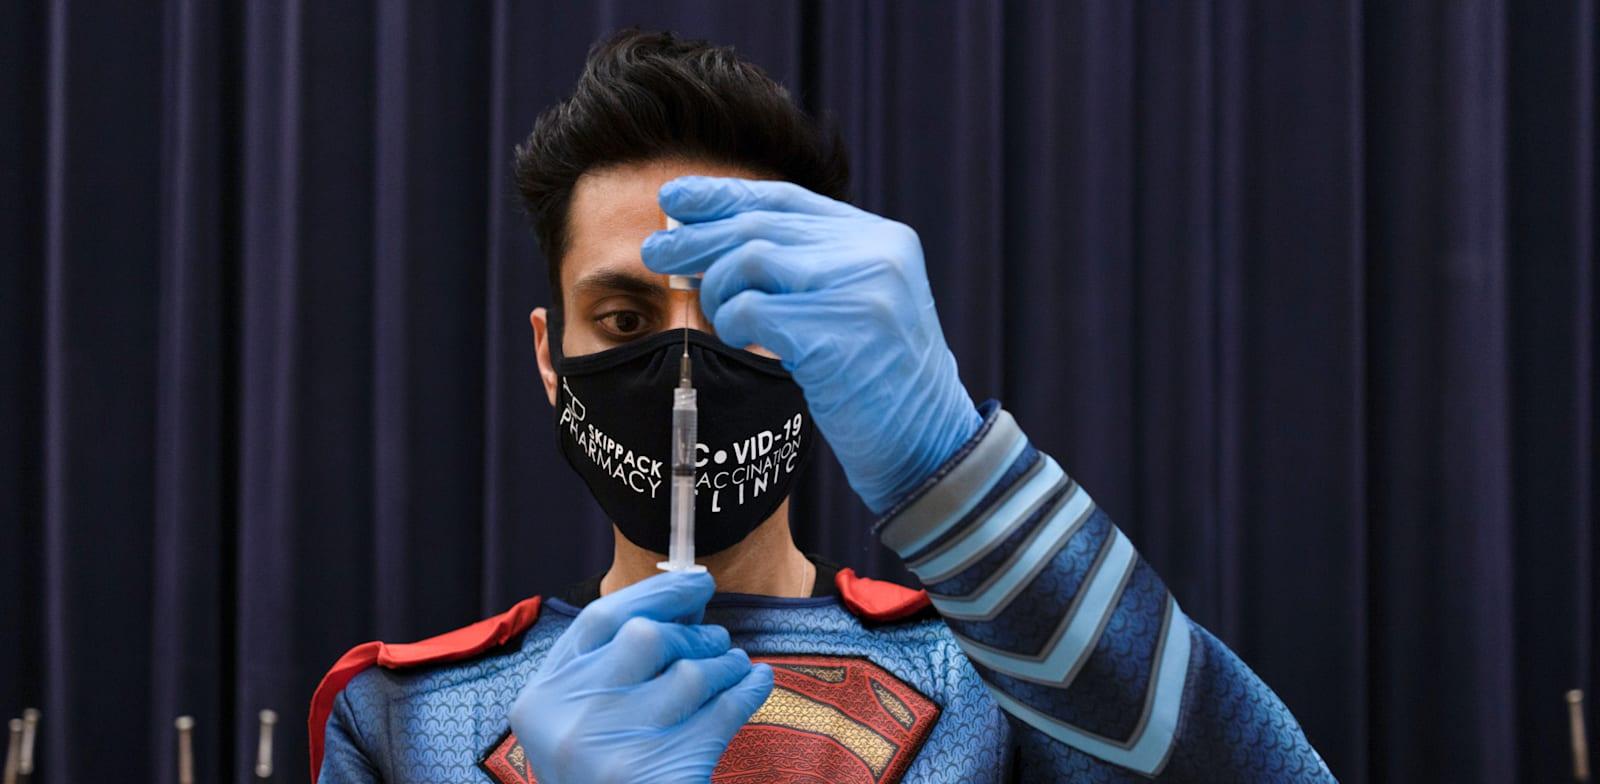 """רופא מחסן בחיסון של פייזר נגד קורונה בפנסילבניה, ארה""""ב / צילום: Reuters, Hannah Beier"""